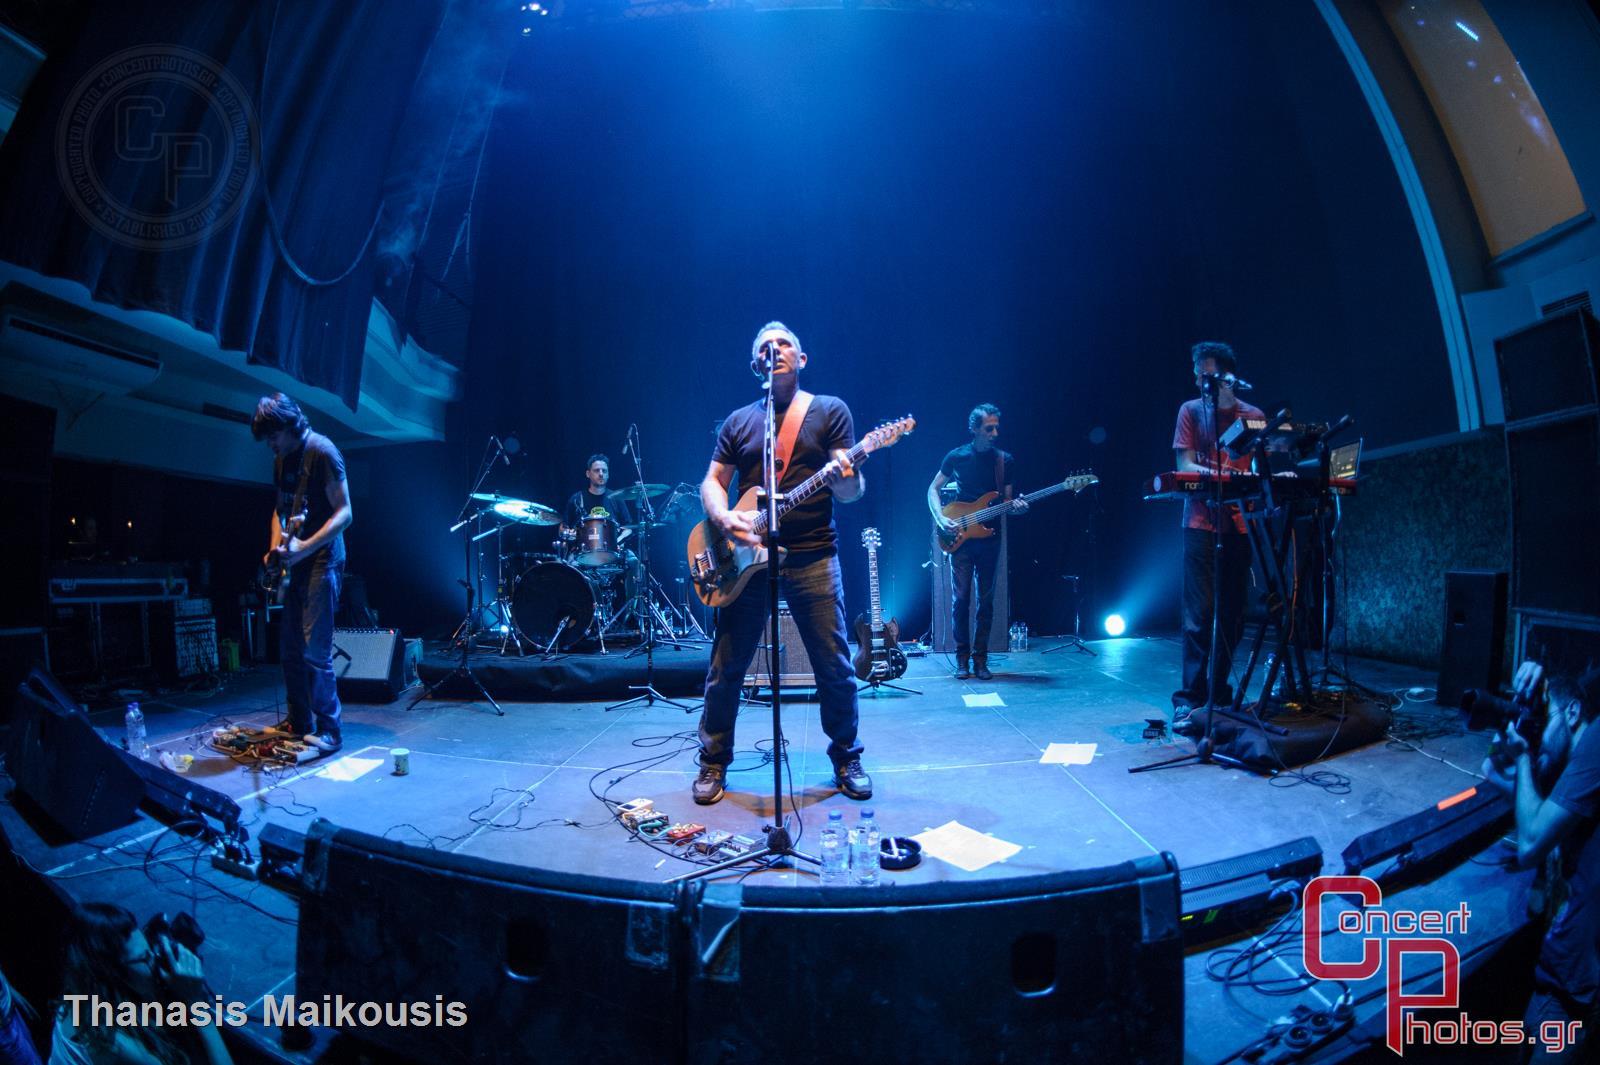 Παύλος Παυλίδης-Pavlidis-stage-volume1 photographer: Thanasis Maikousis - concertphotos_20140611_21_59_32